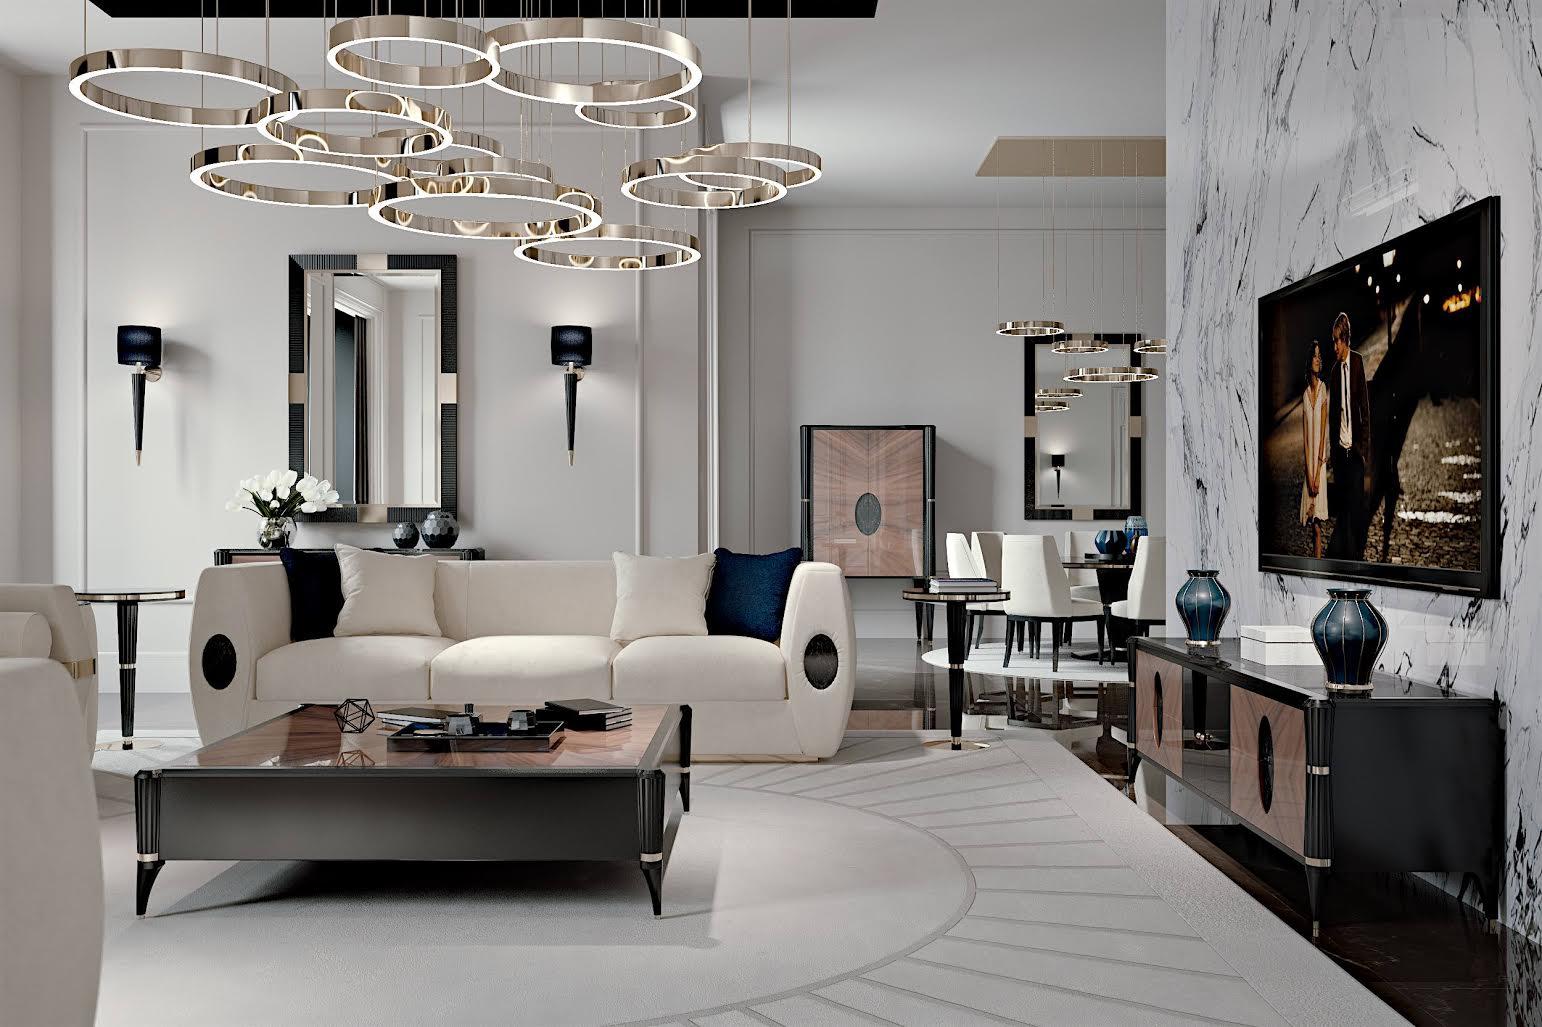 Lo stile luxury classico di francesco pasi in scena al for Fiera del mobile di milano